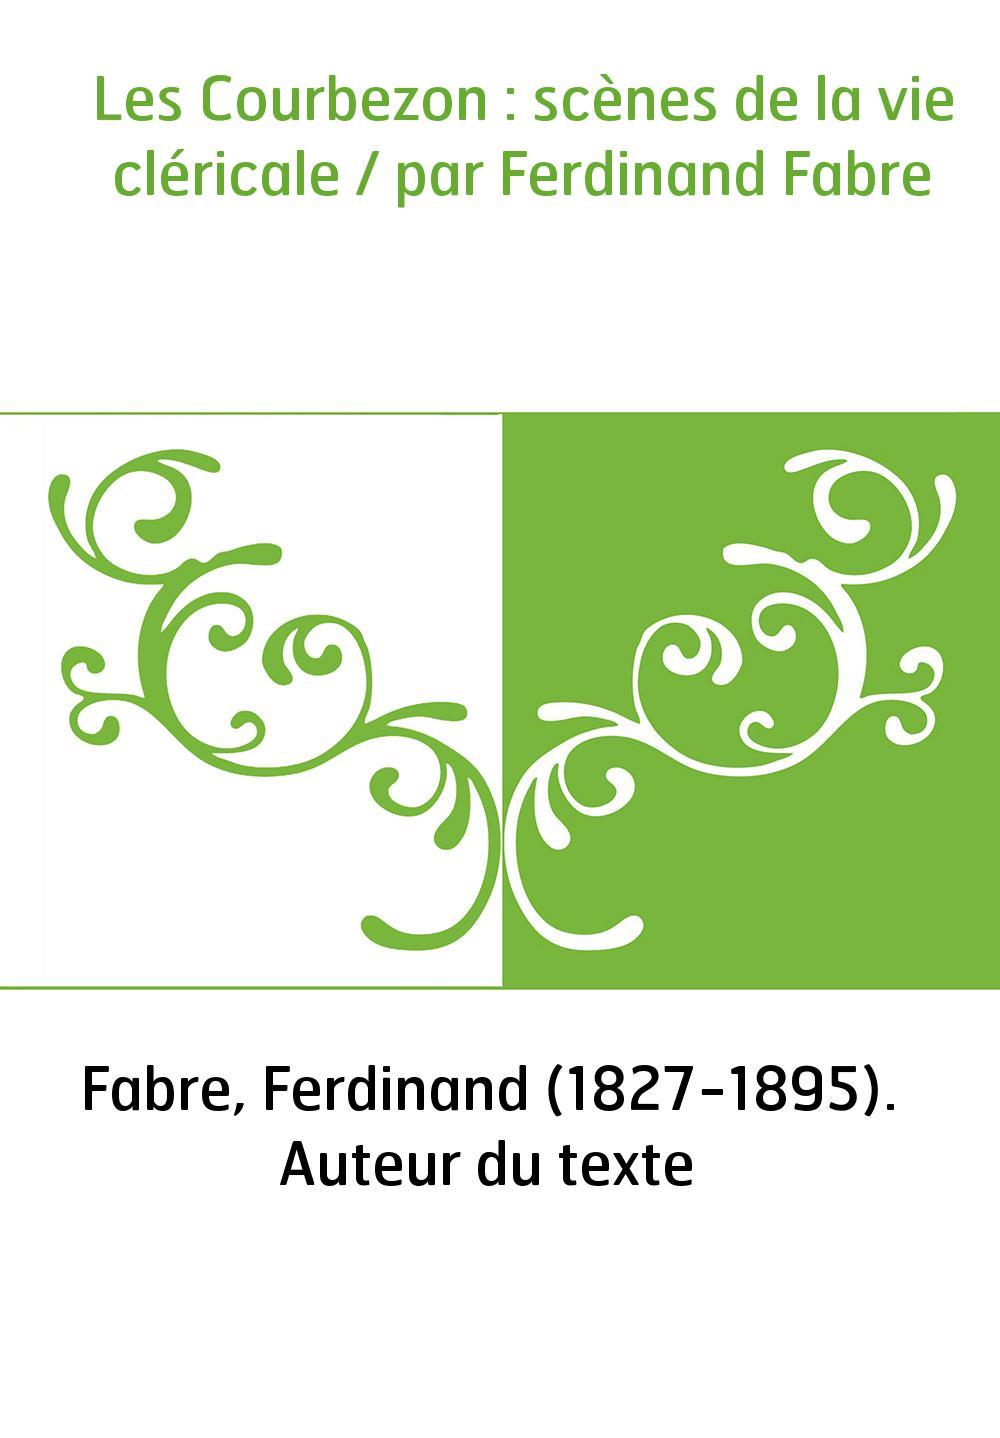 Les Courbezon : scènes de la vie cléricale / par Ferdinand Fabre